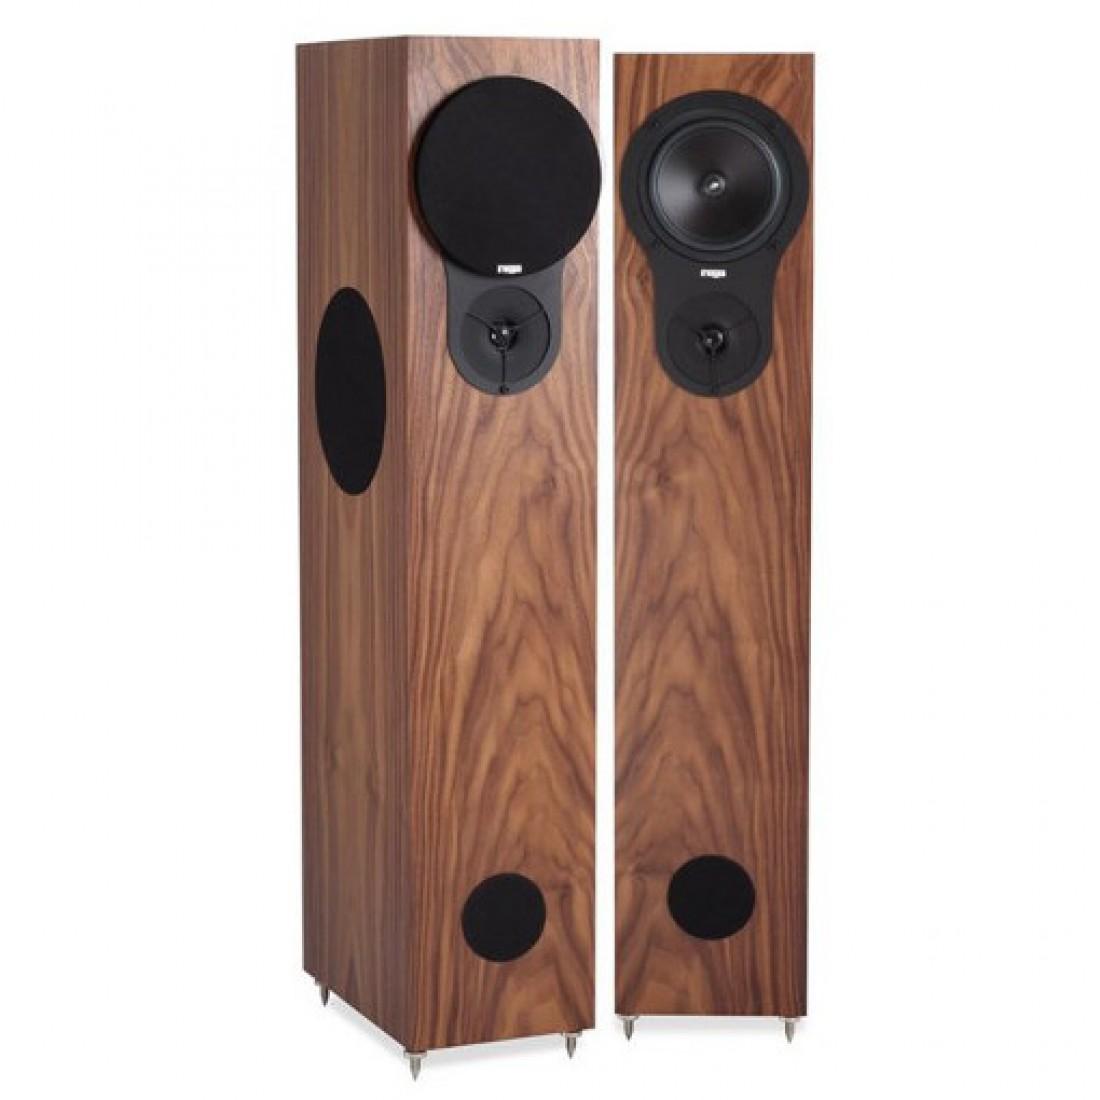 Rega RX3 Floorstanding Speaker Walnut 0fd5e4667f92